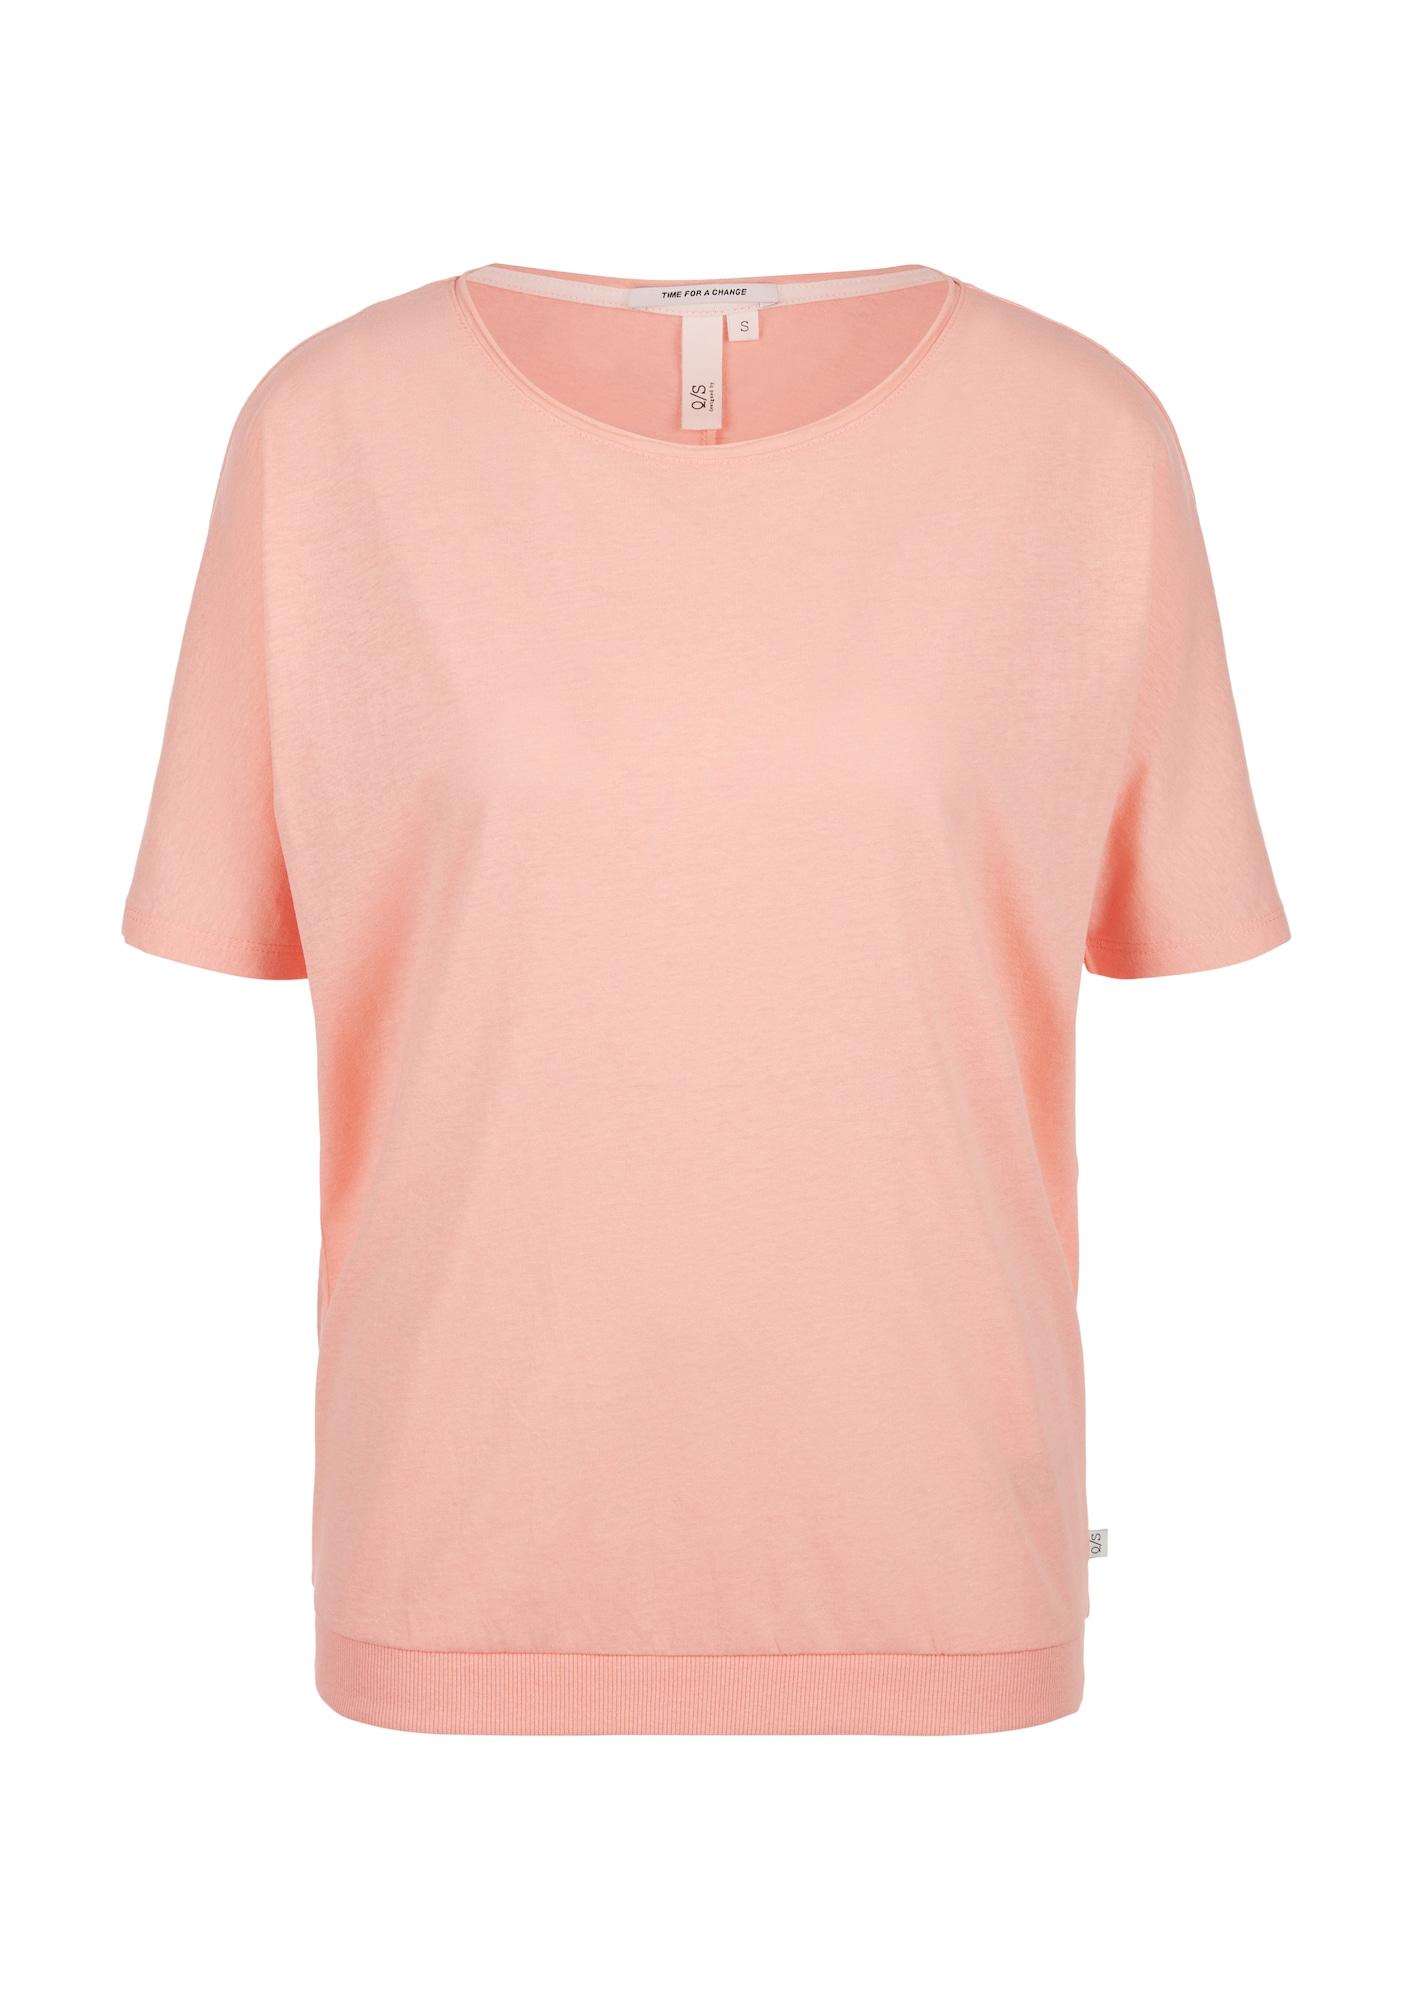 Q/S designed by Marškinėliai abrikosų spalva